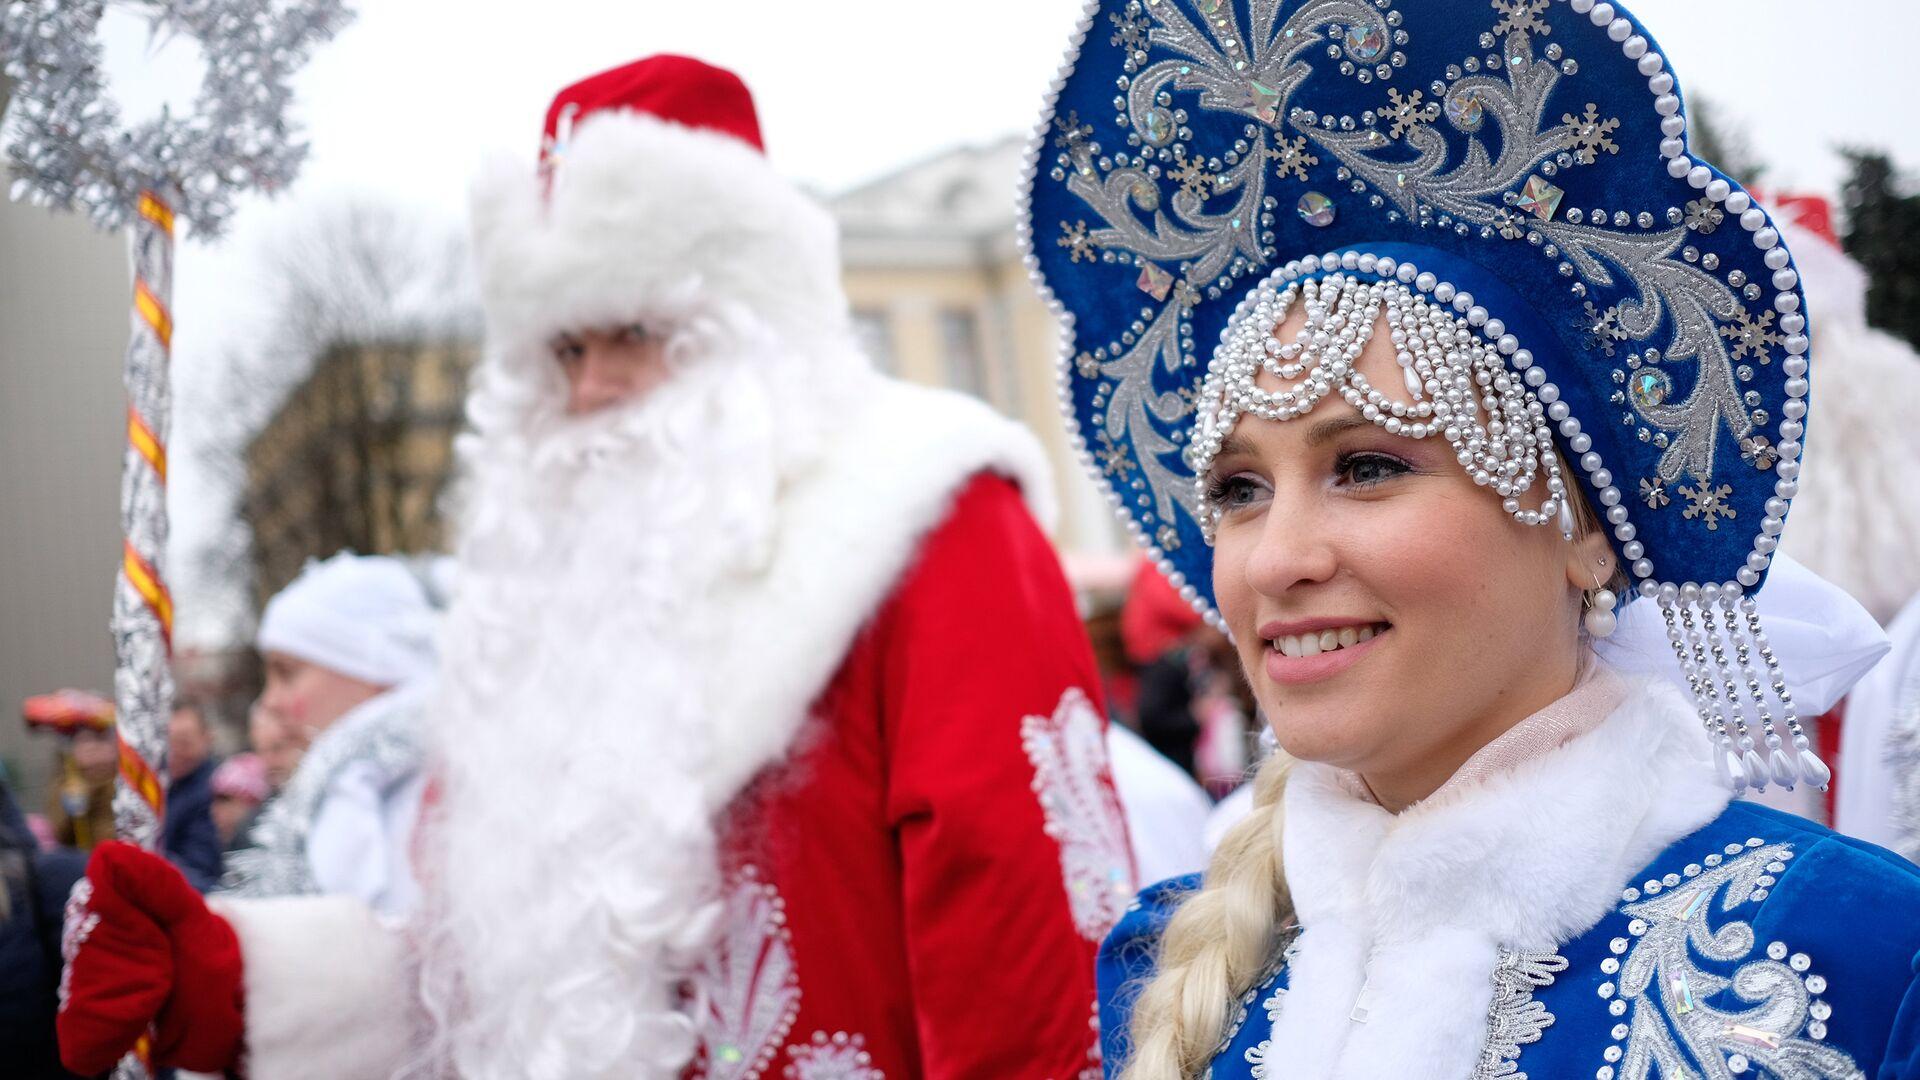 Участники во время праздничного шествия Дедов Морозов на одной из улиц в Краснодаре - РИА Новости, 1920, 26.11.2020